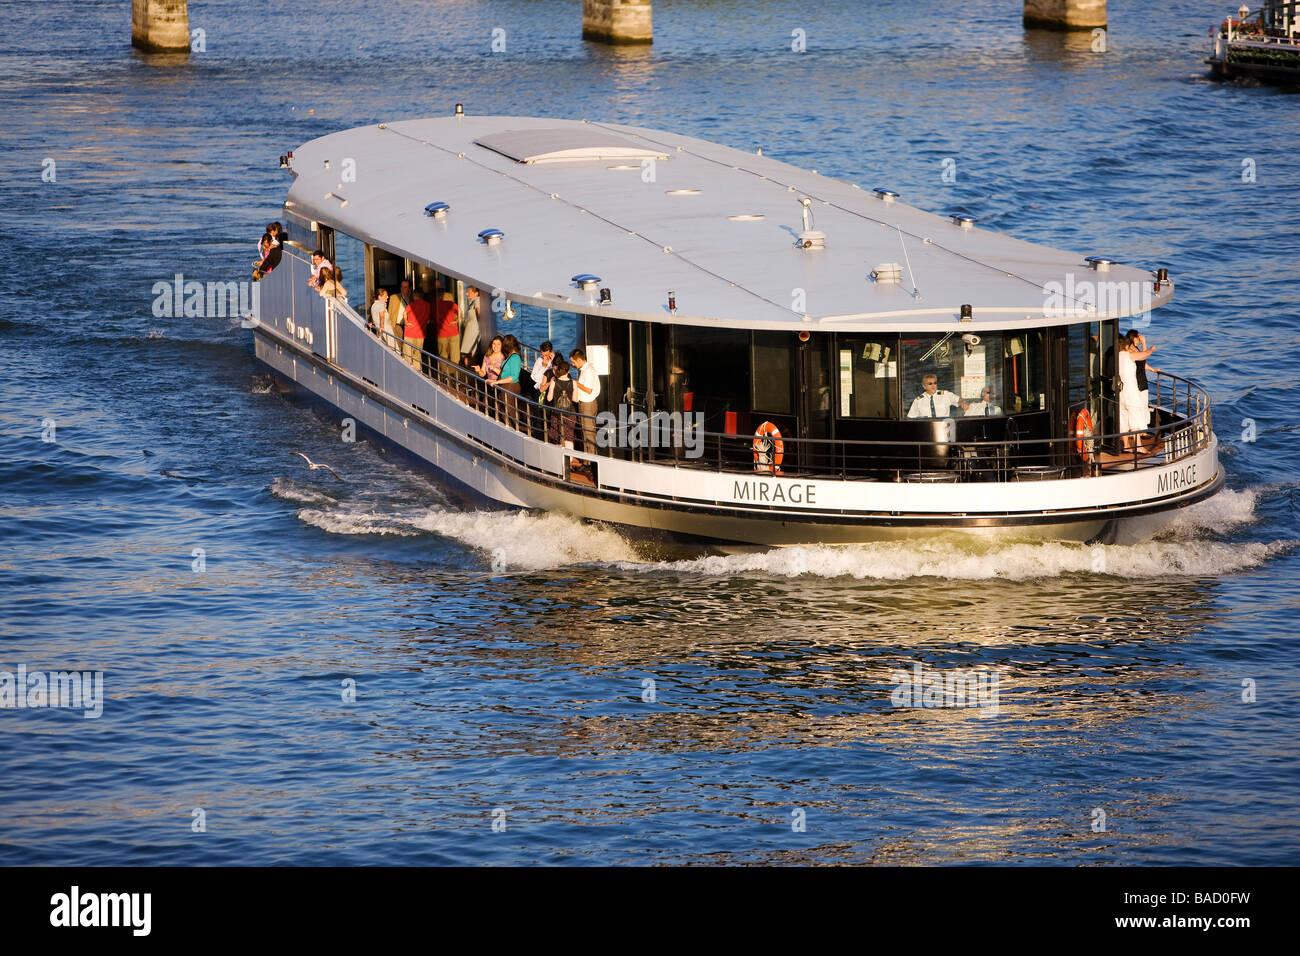 France paris mirage riverboat bateau mouche on the river seine stock photo royalty free - Port de javel haut 75015 paris ...